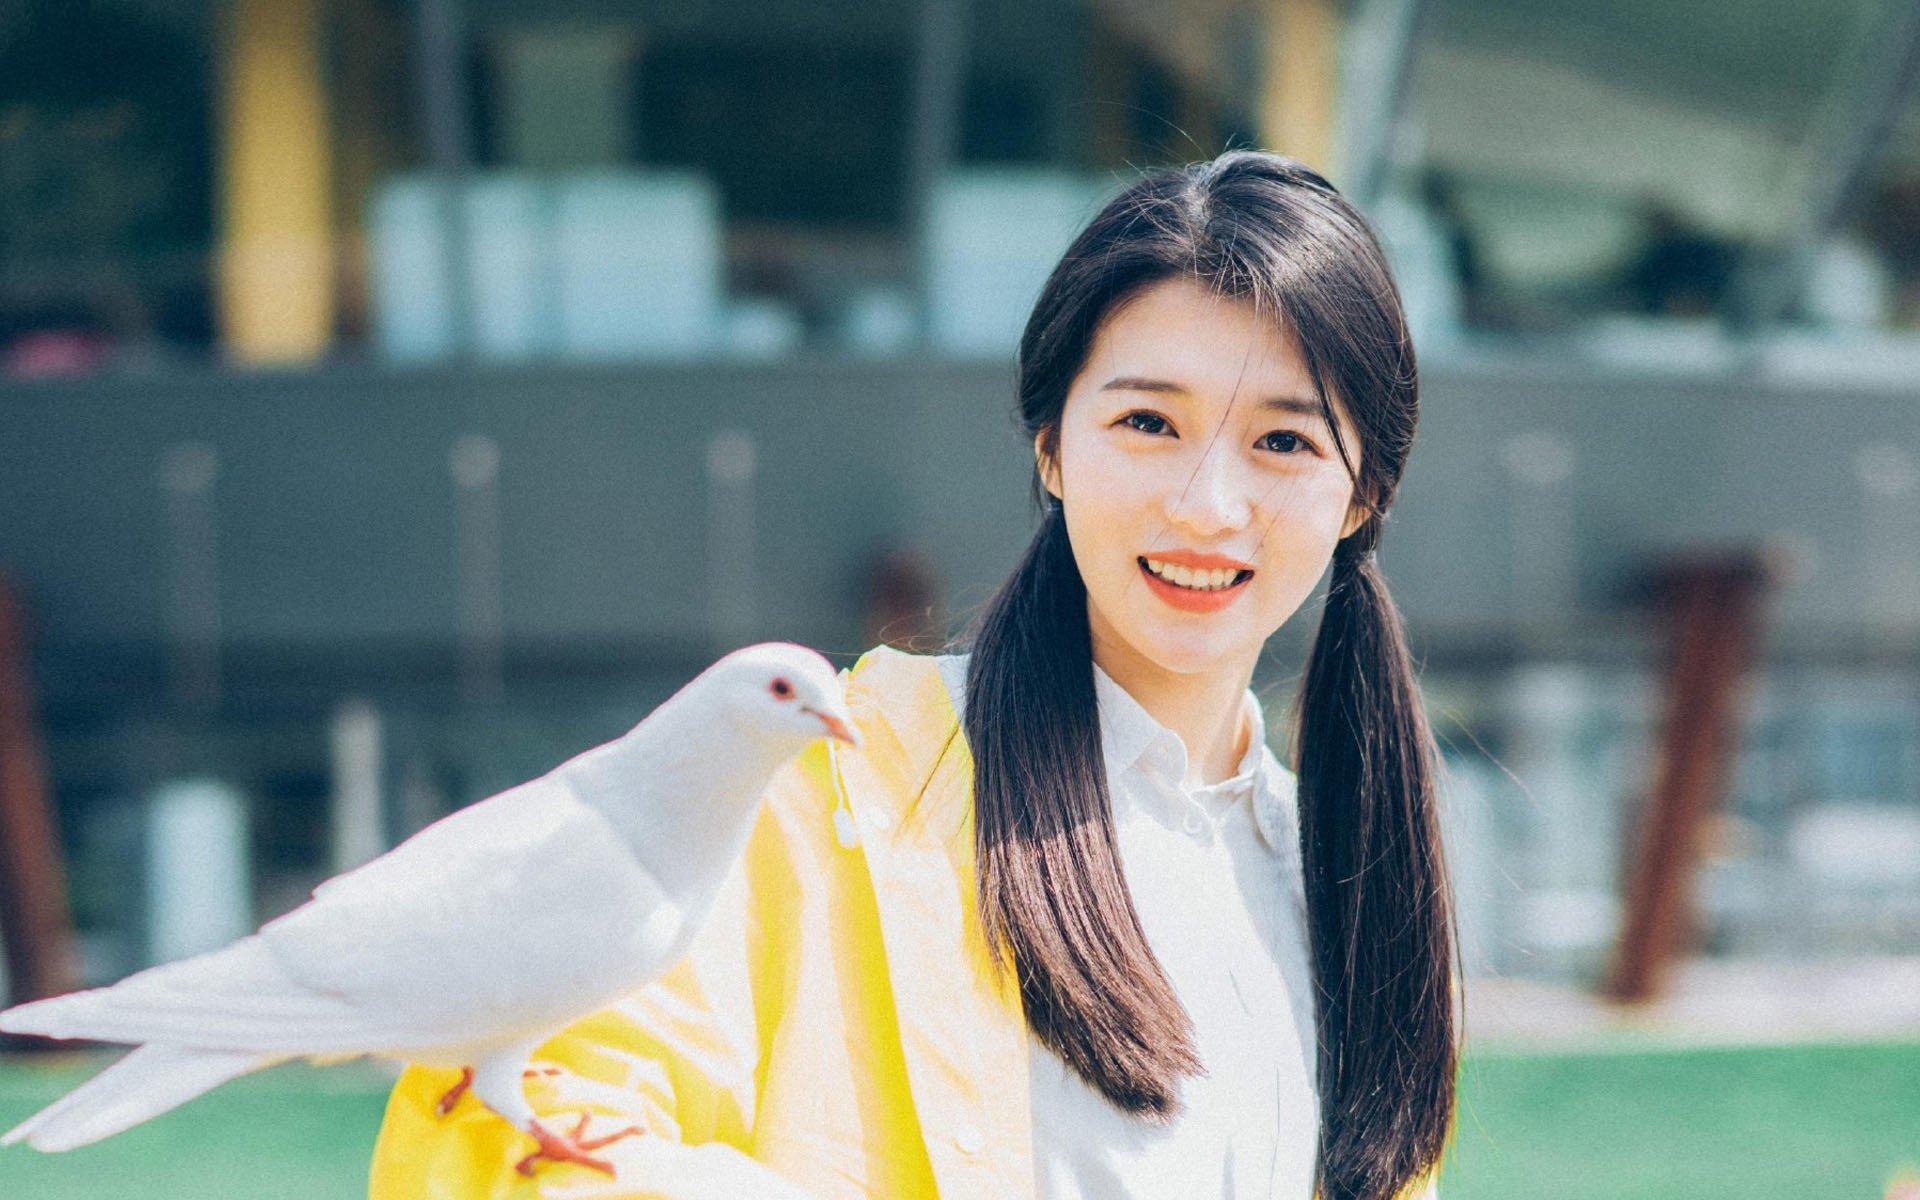 镇世龙君-秦令君, 苏韵锦-都市情感小说